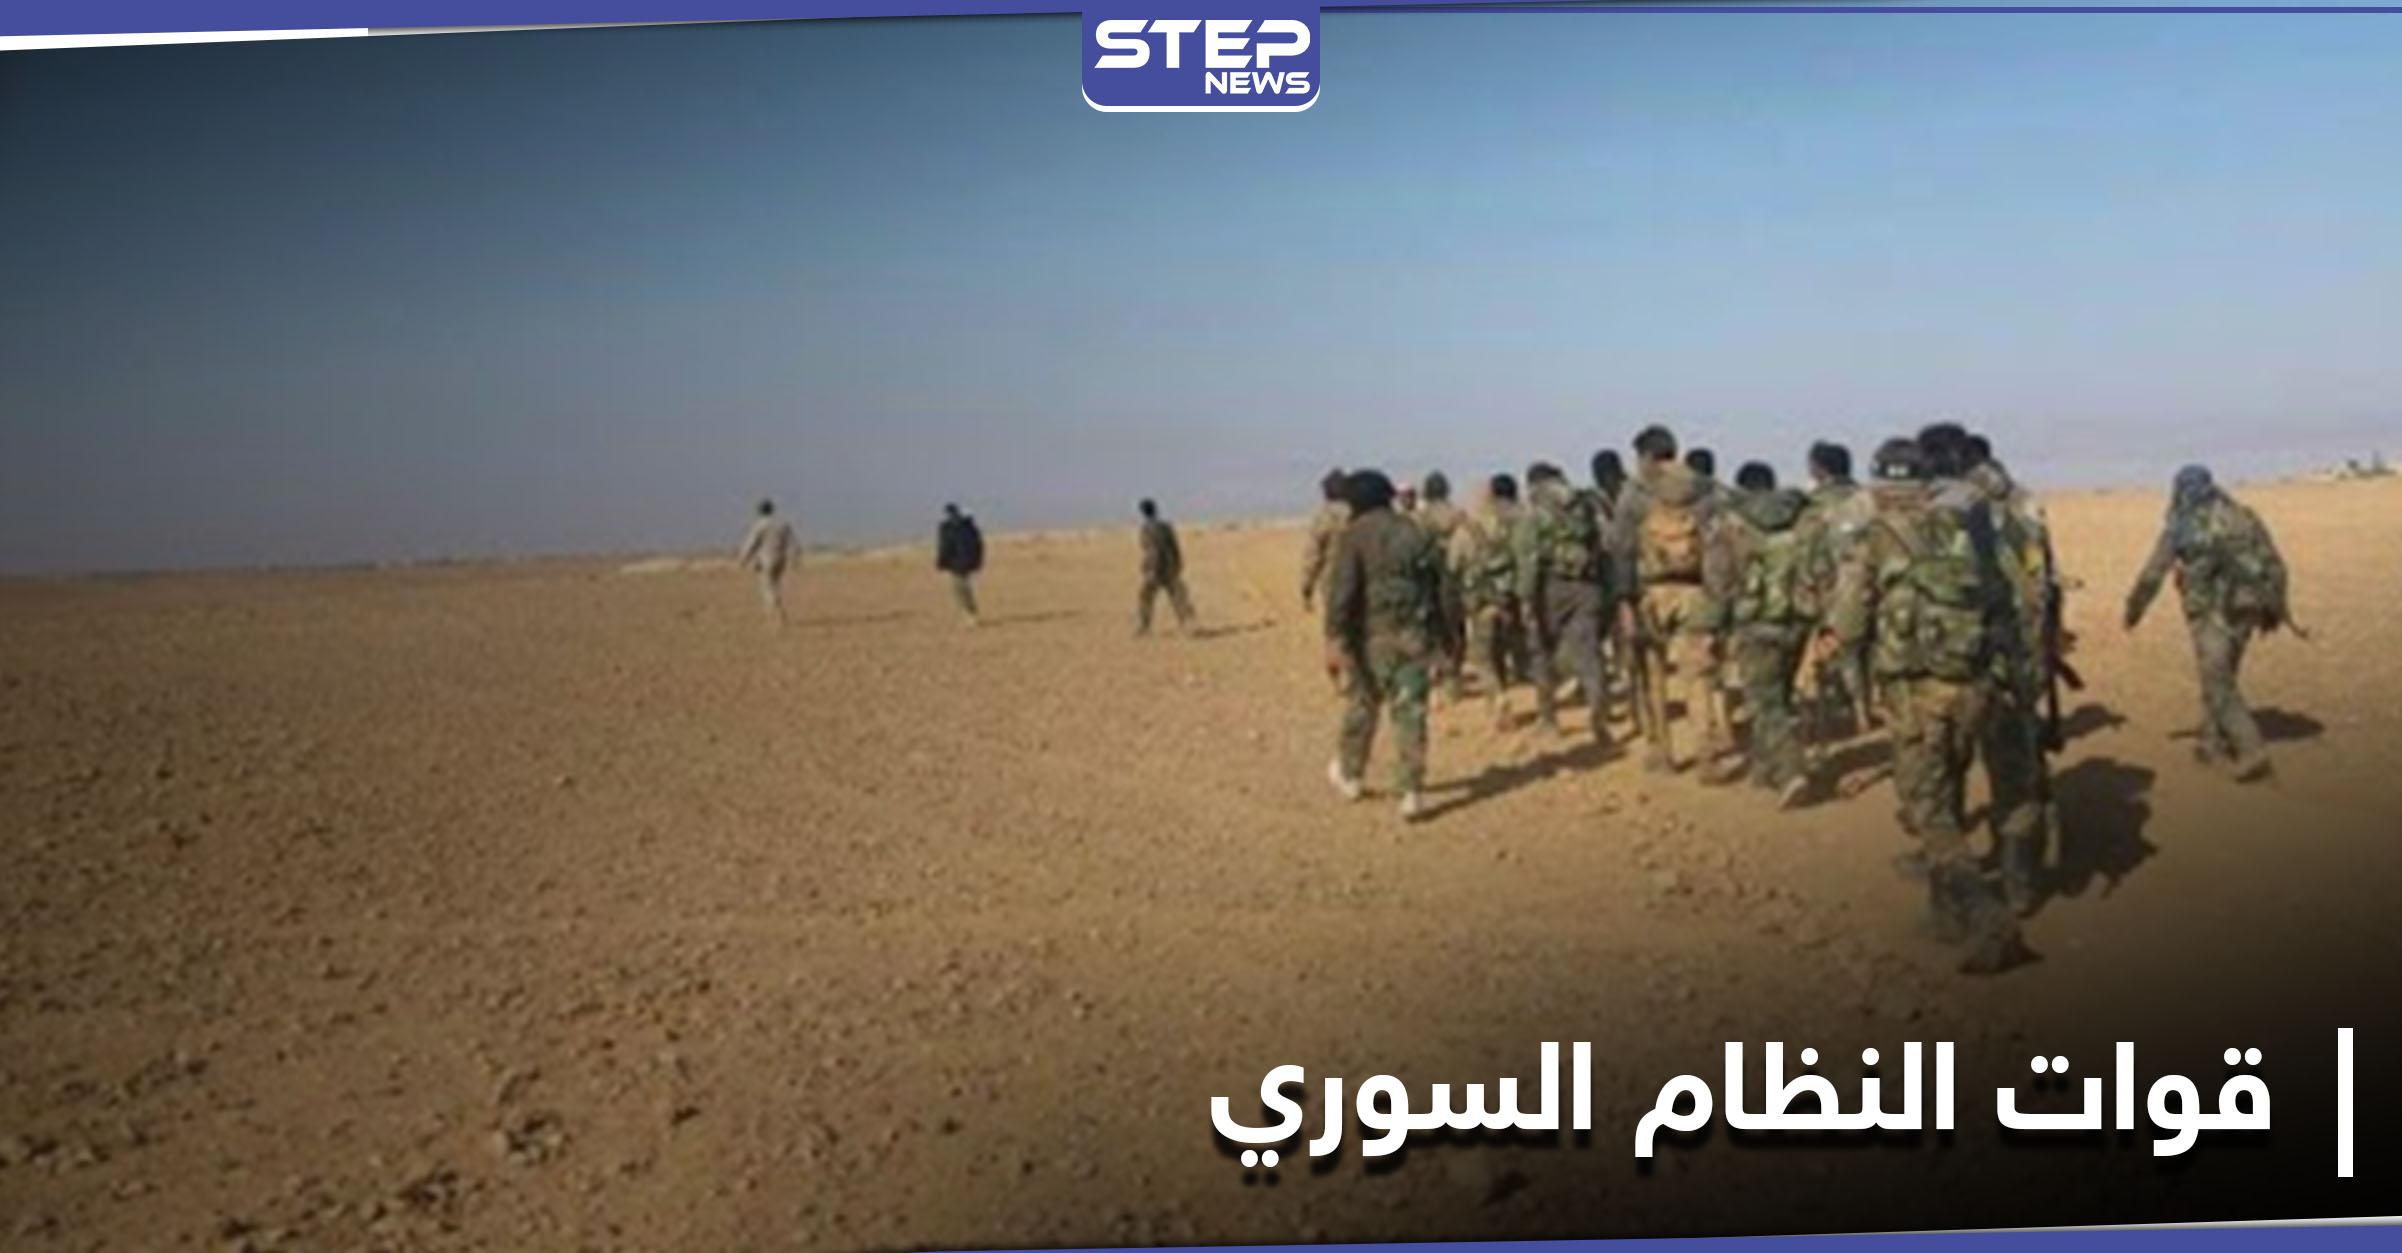 """تنظيم """"داعش"""" يدفع 12 عنصراً من قوات النظام السوري"""